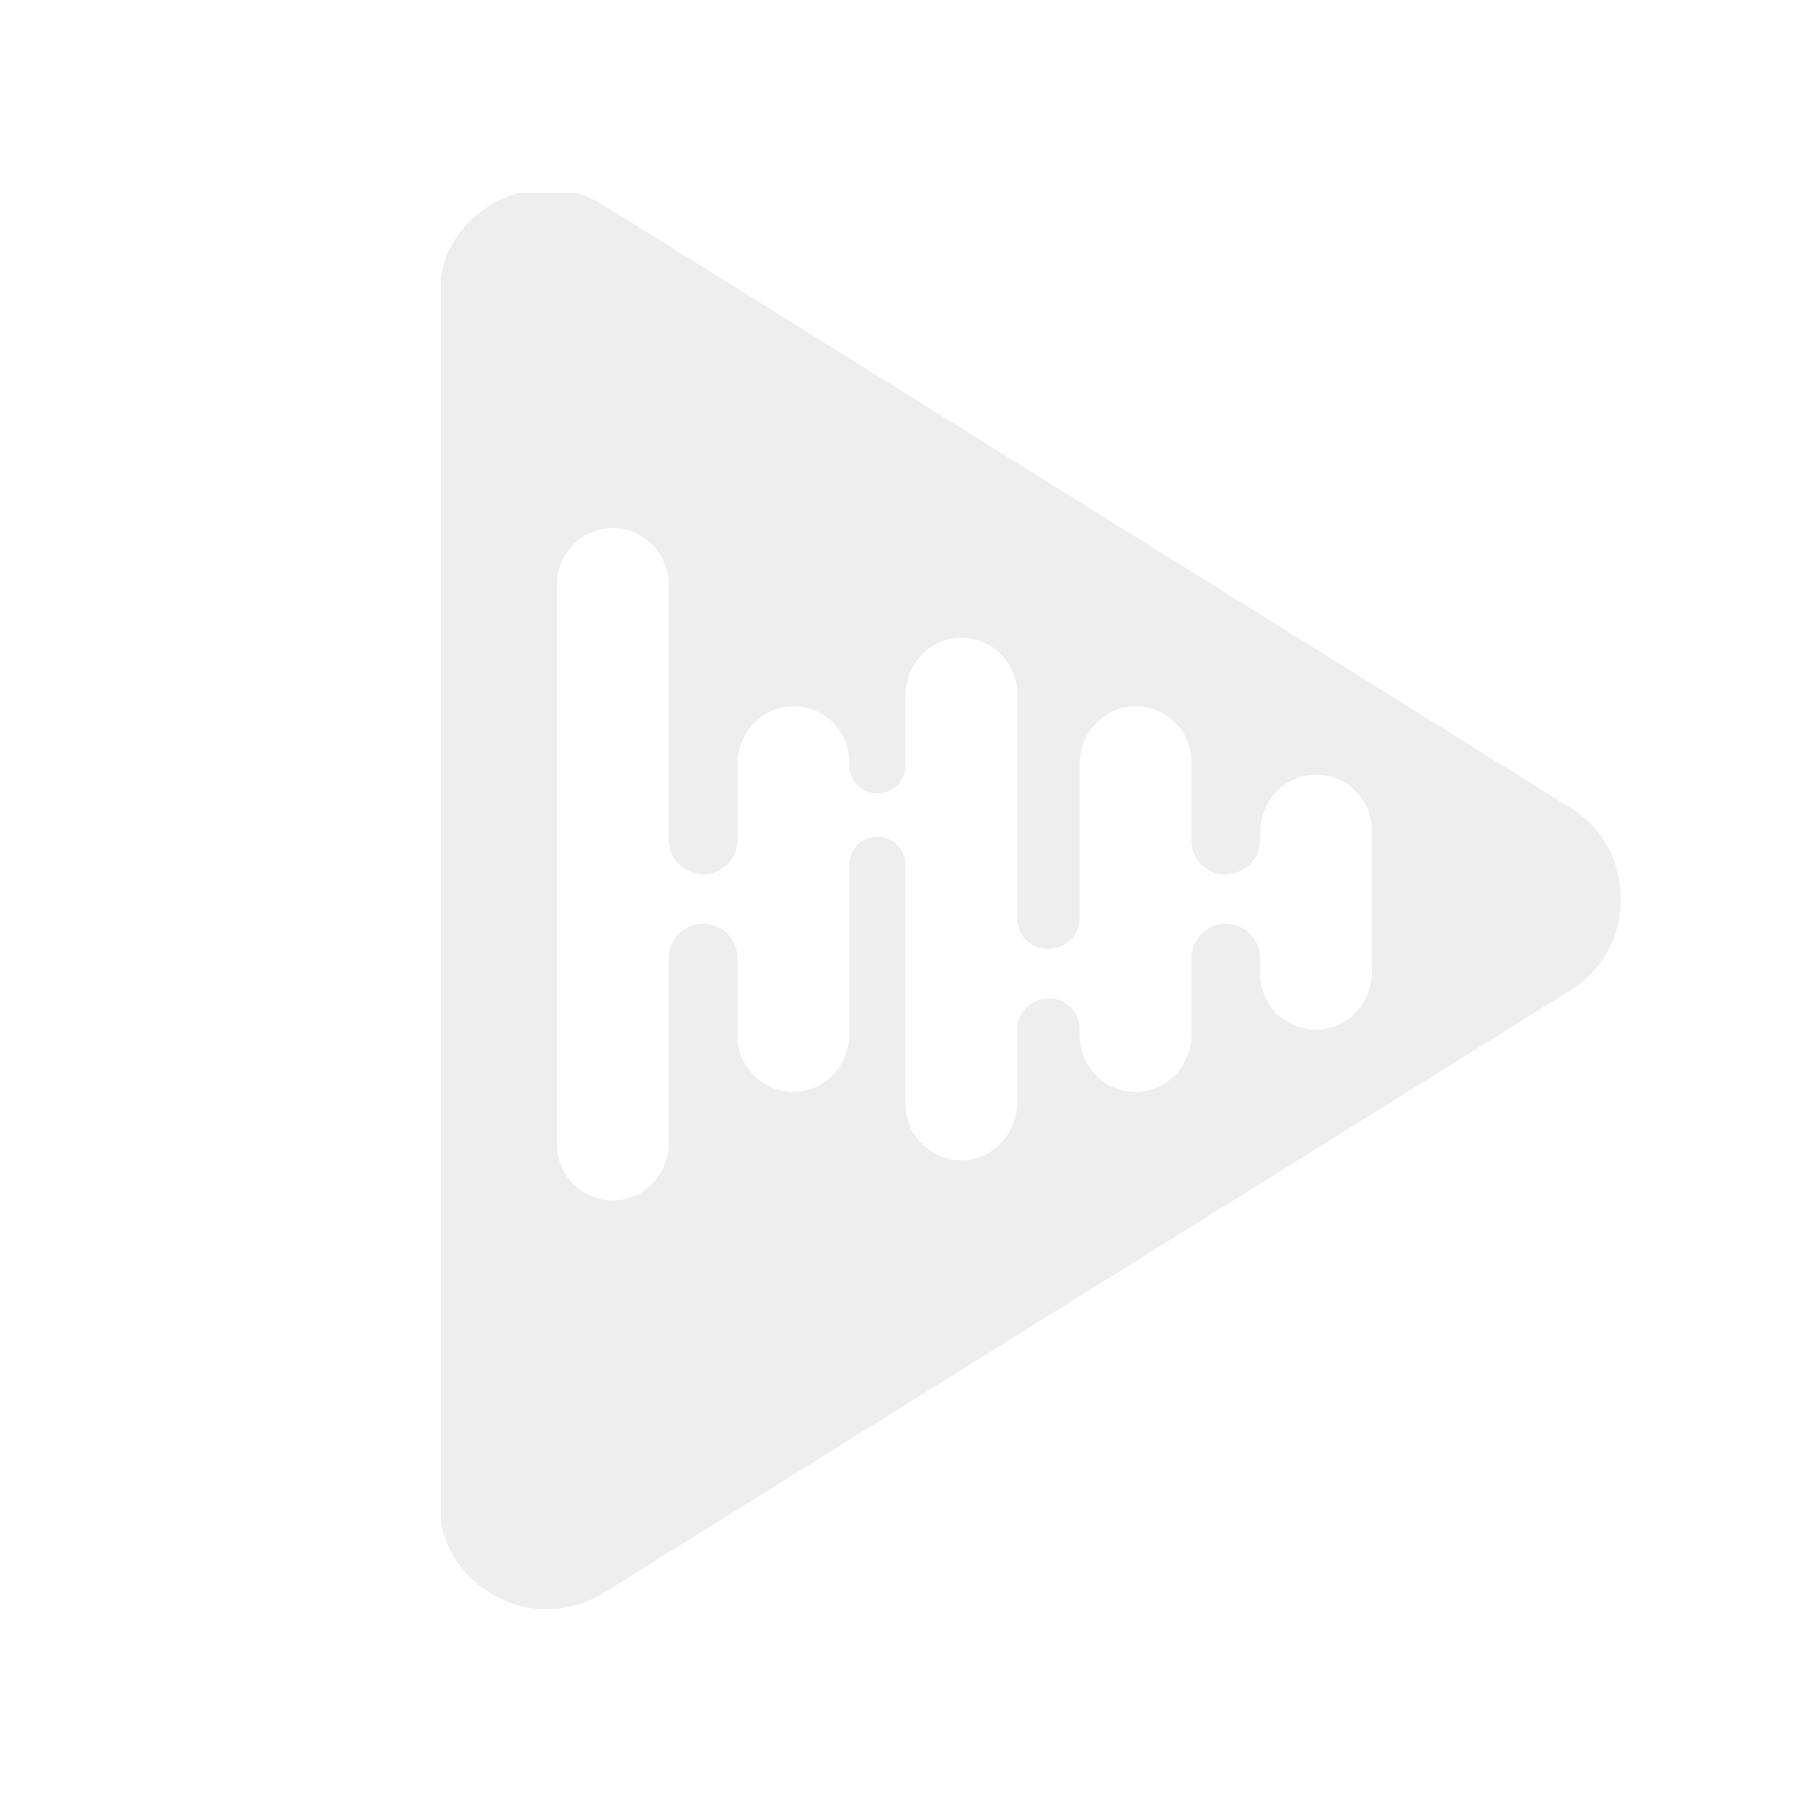 Skoddejuice Vanilla Classic Aroma